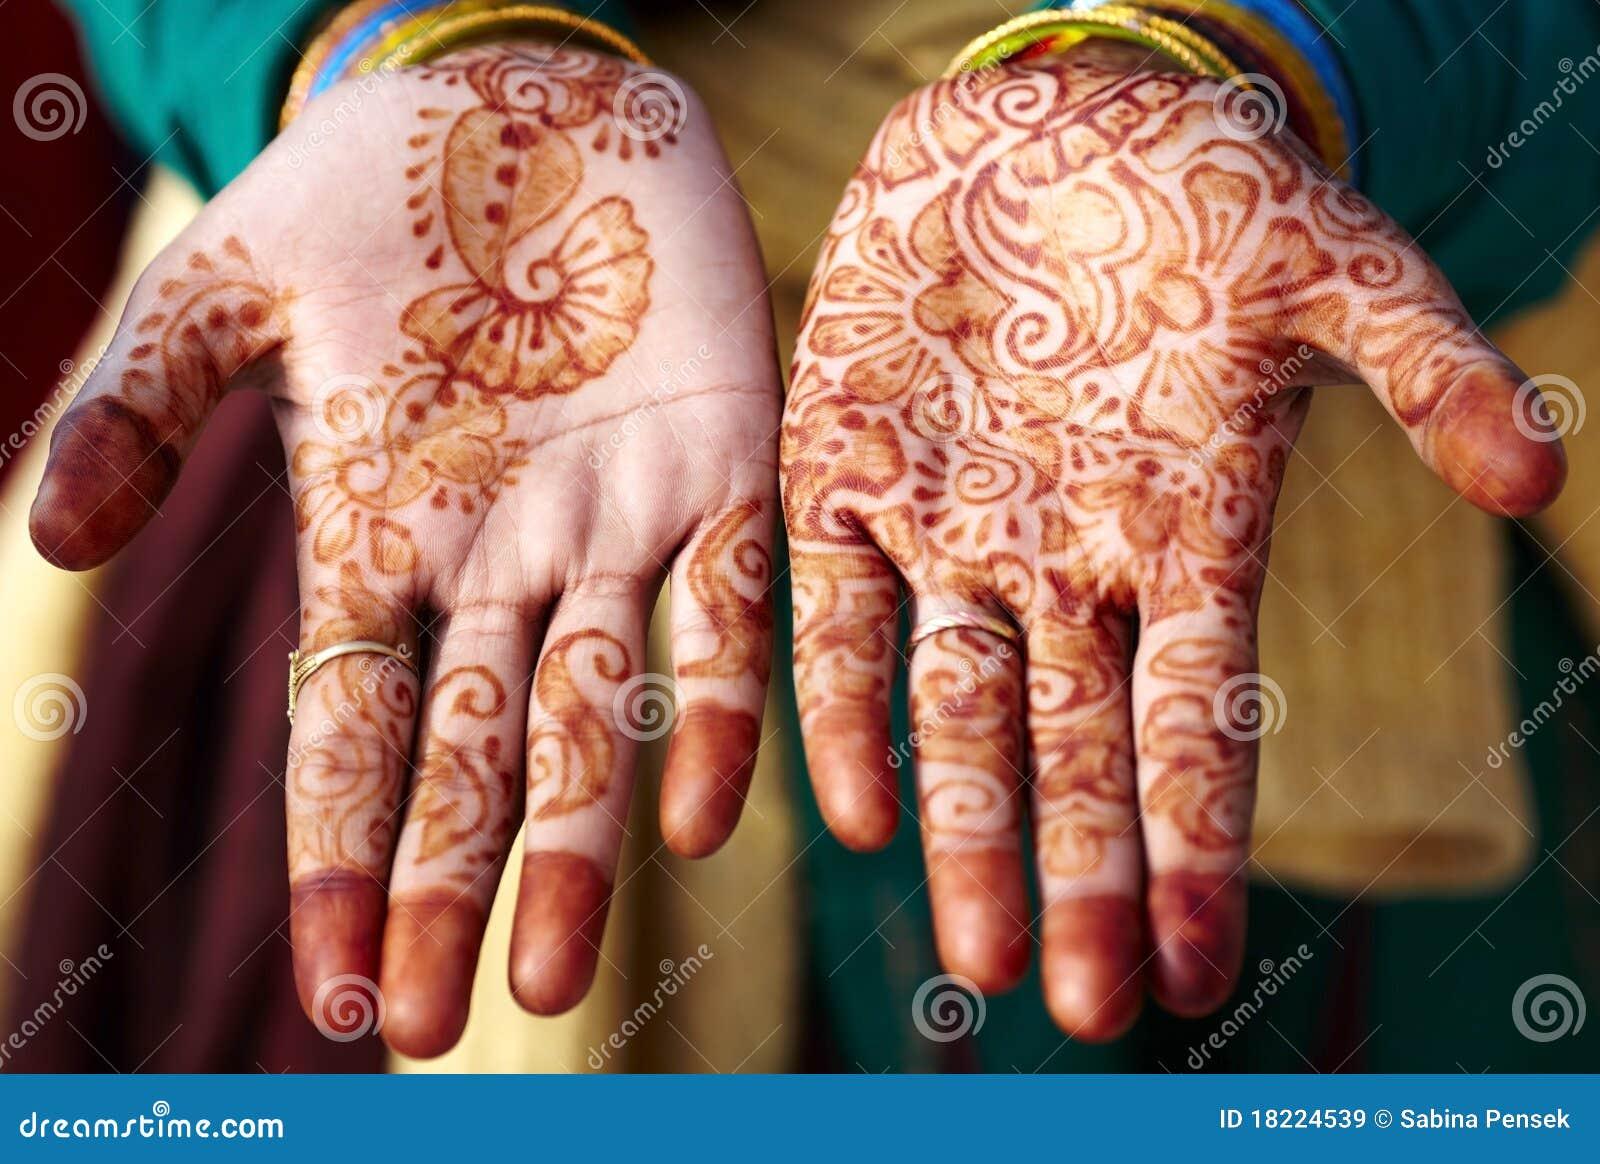 Hennastrauchtätowierung-Handkunst in Indien